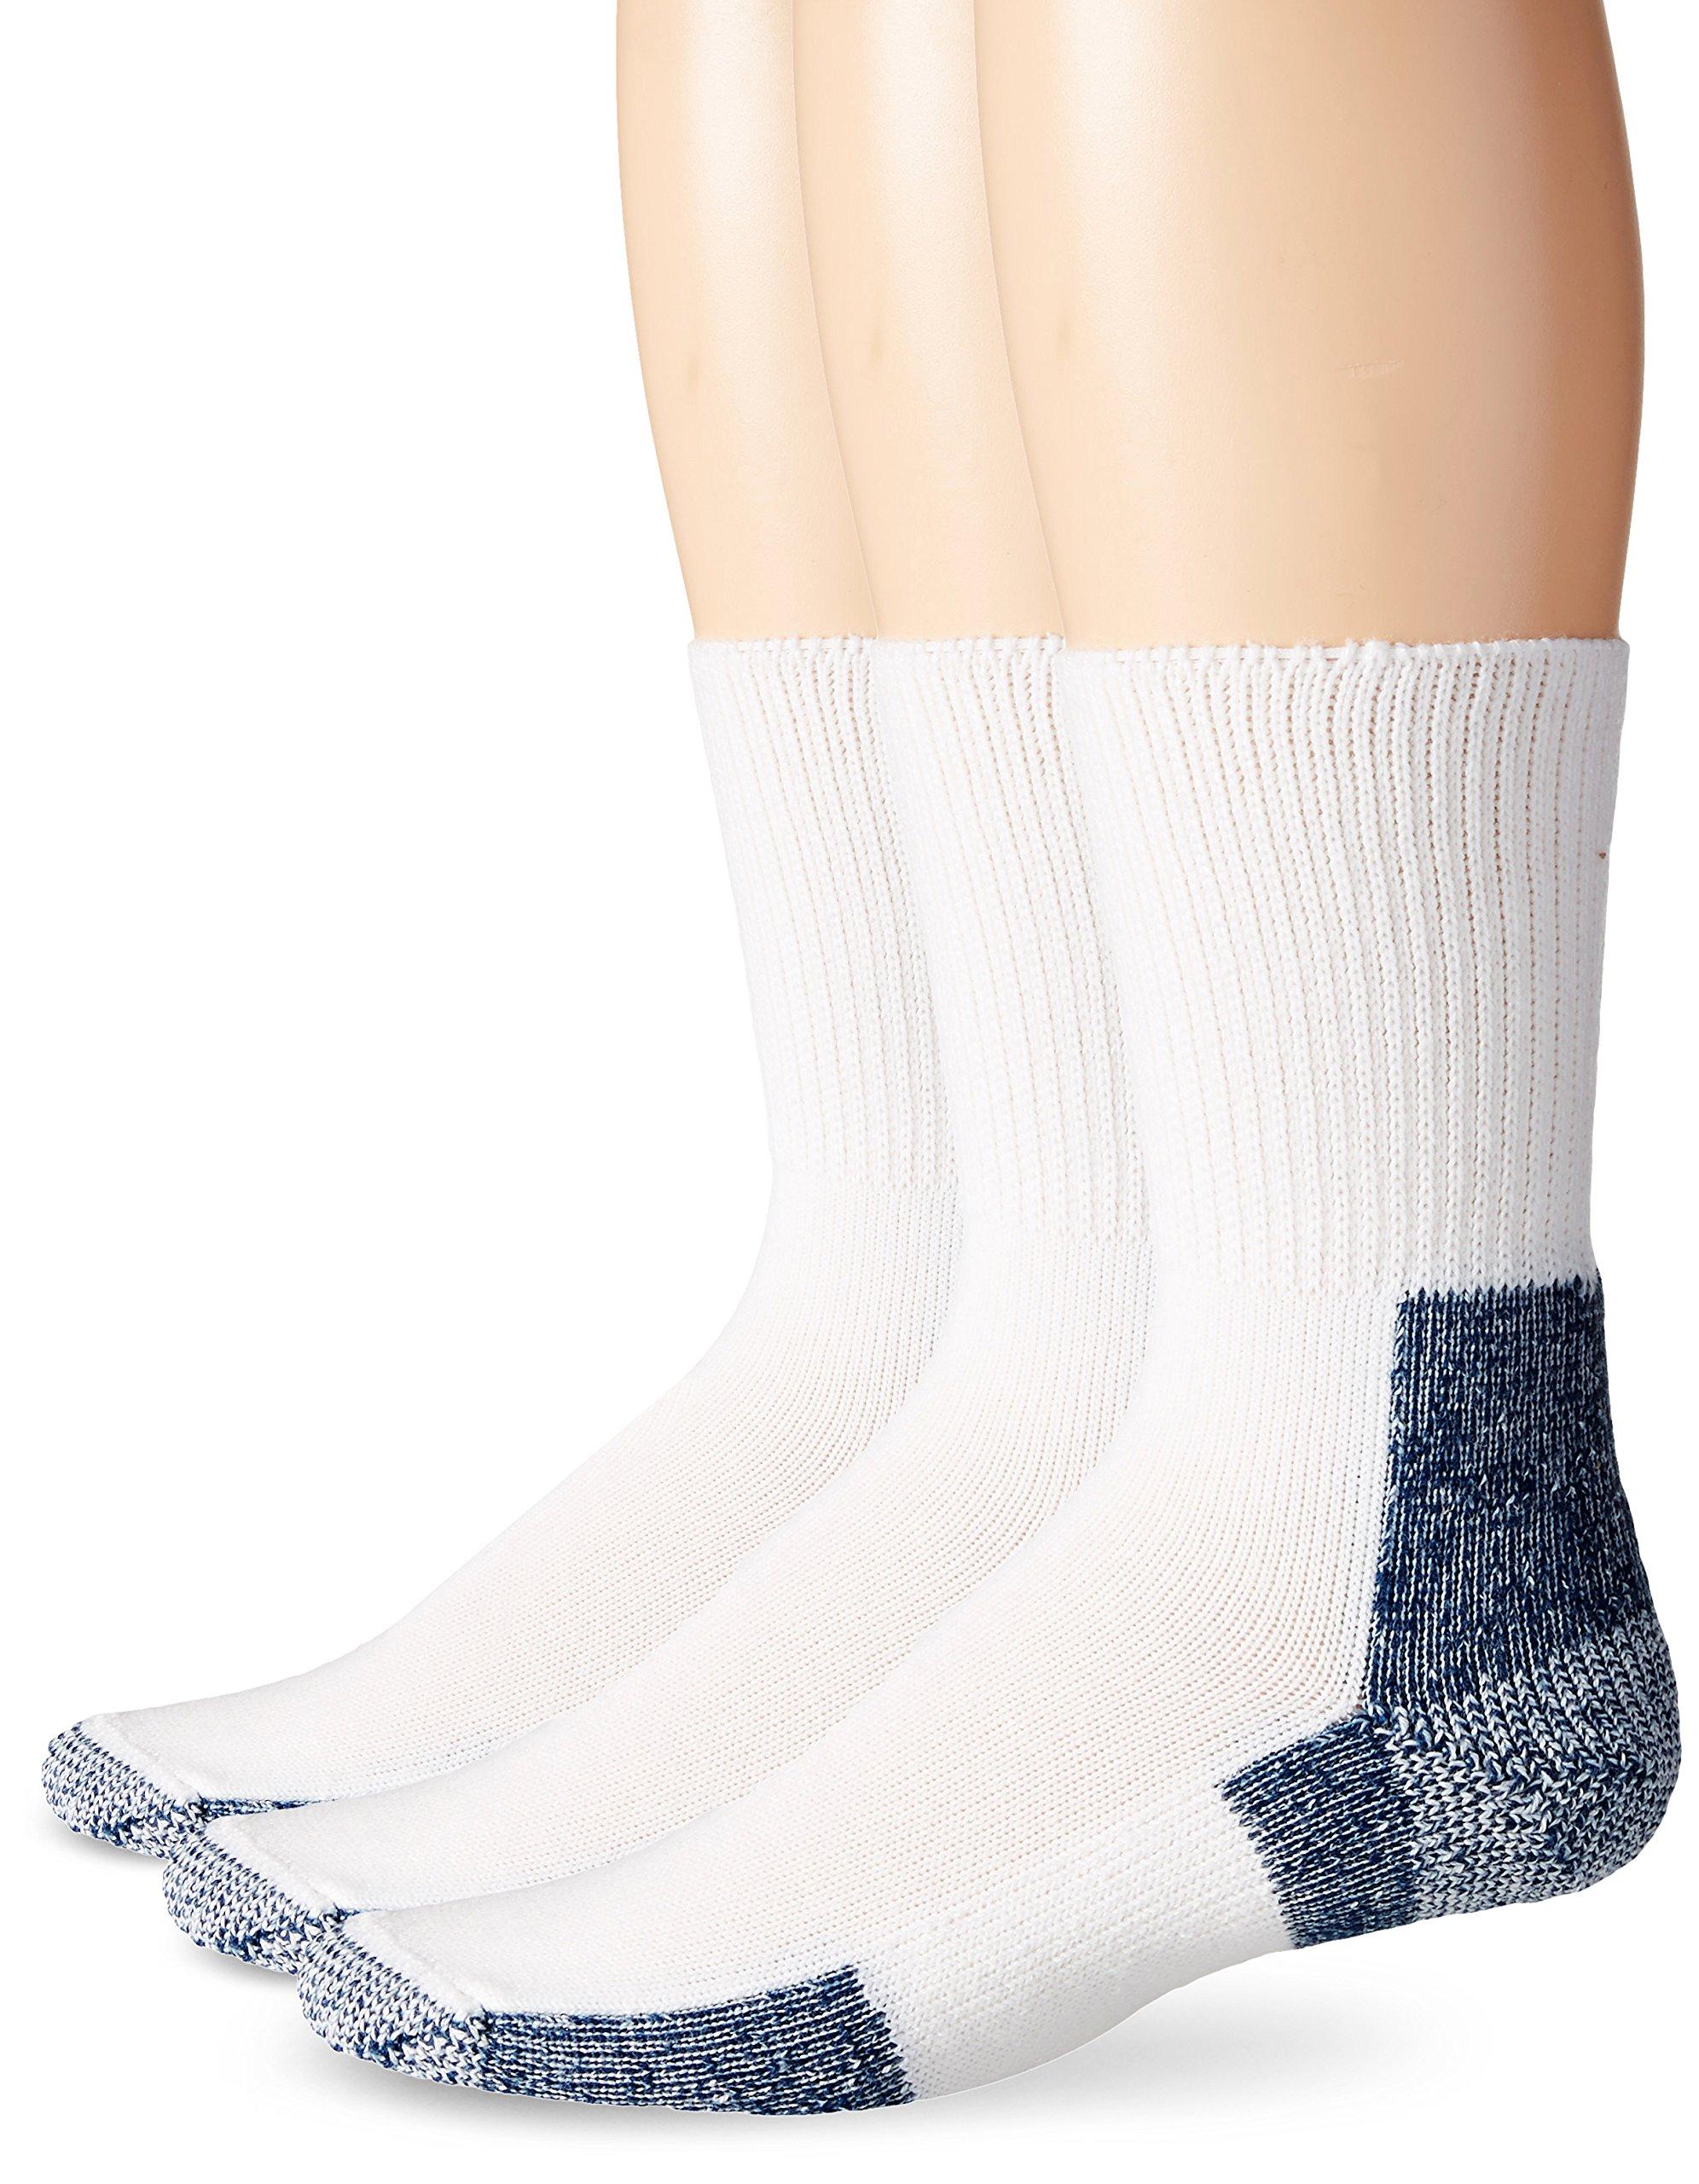 Thorlos Unisex XJ Running Thick Padded Crew  Sock, White (3 Pack), XLarge